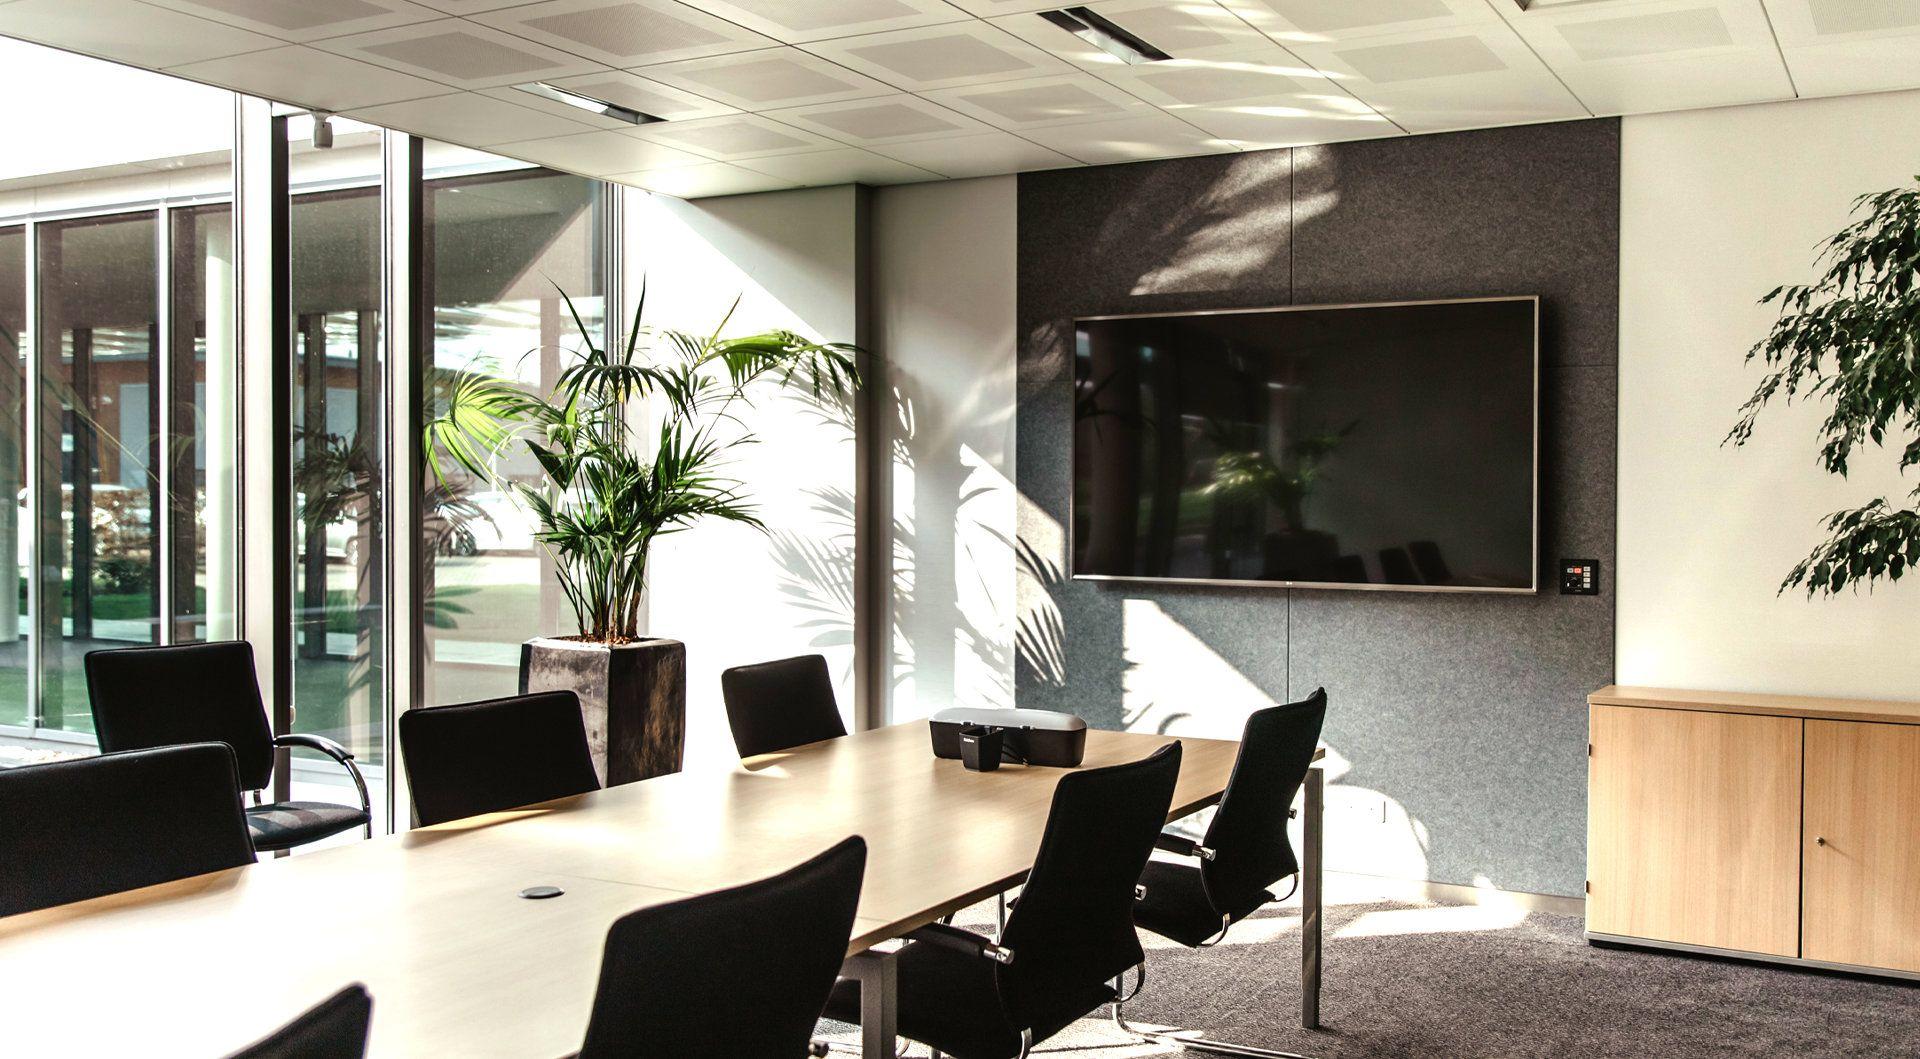 """Conen Mounts RLI12090PBK flat panel vloer standaard 2,18 m (86"""") Zwart - Case studie de vries"""